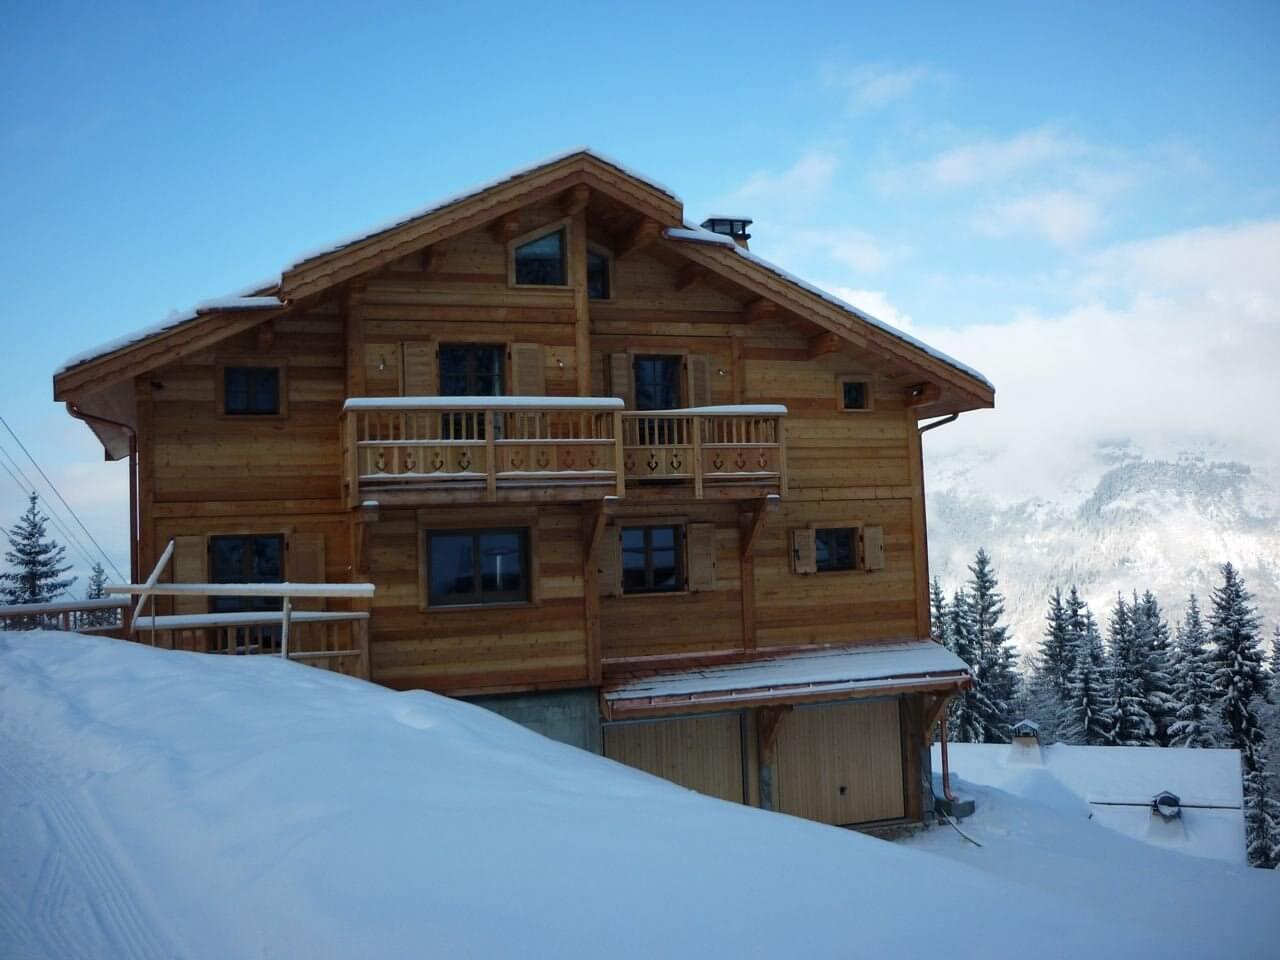 Wintersport – La Tania – Chalet Peppa